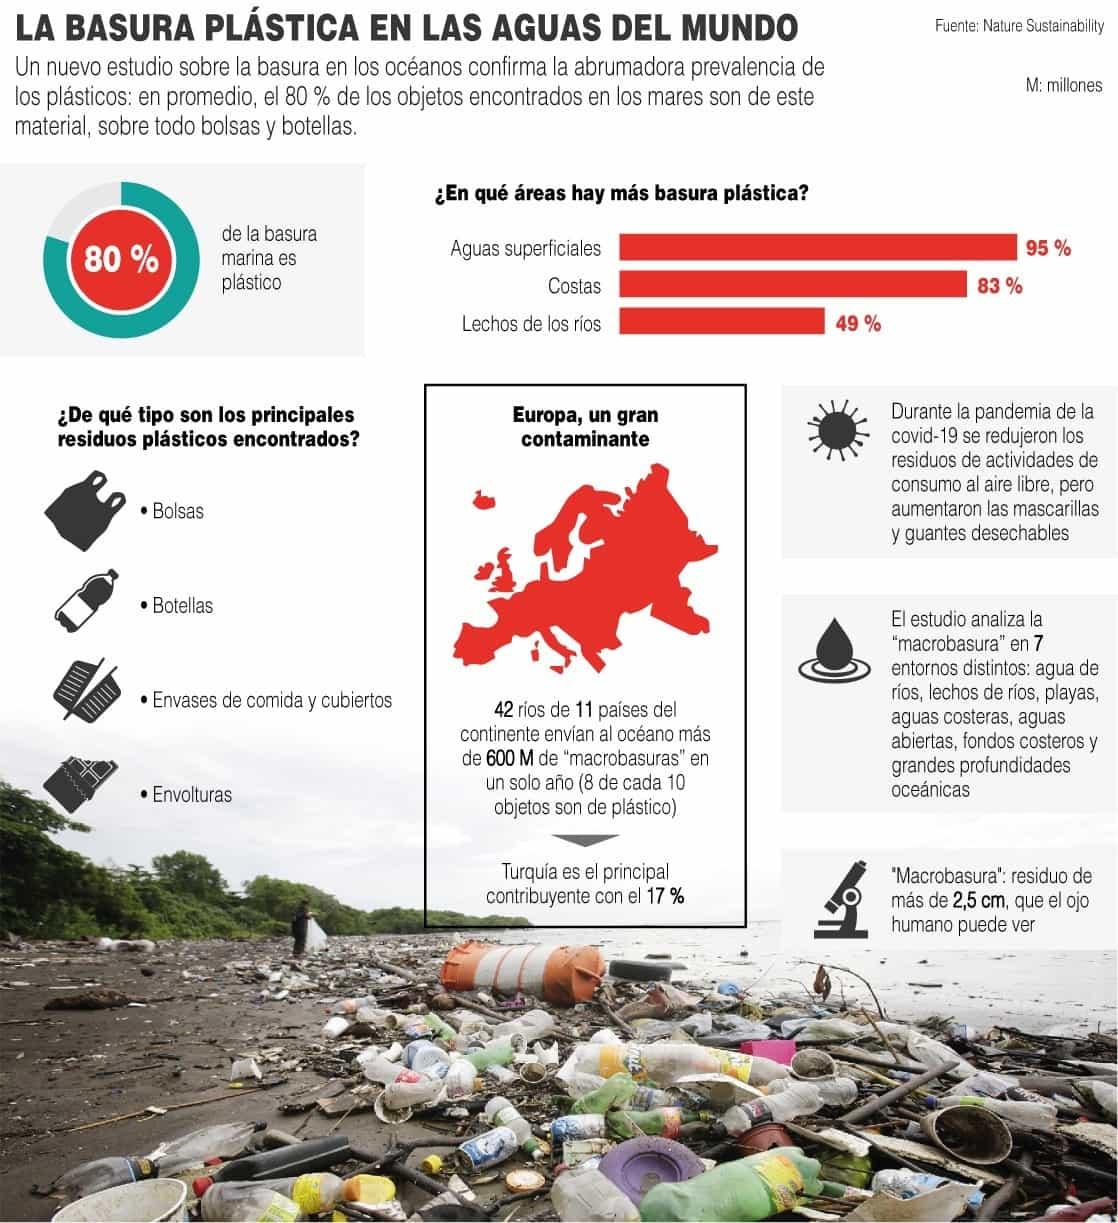 [Infografía] La basura marina en cifras: el 80 % es plástico, sobre todo bolsas y botellas 1